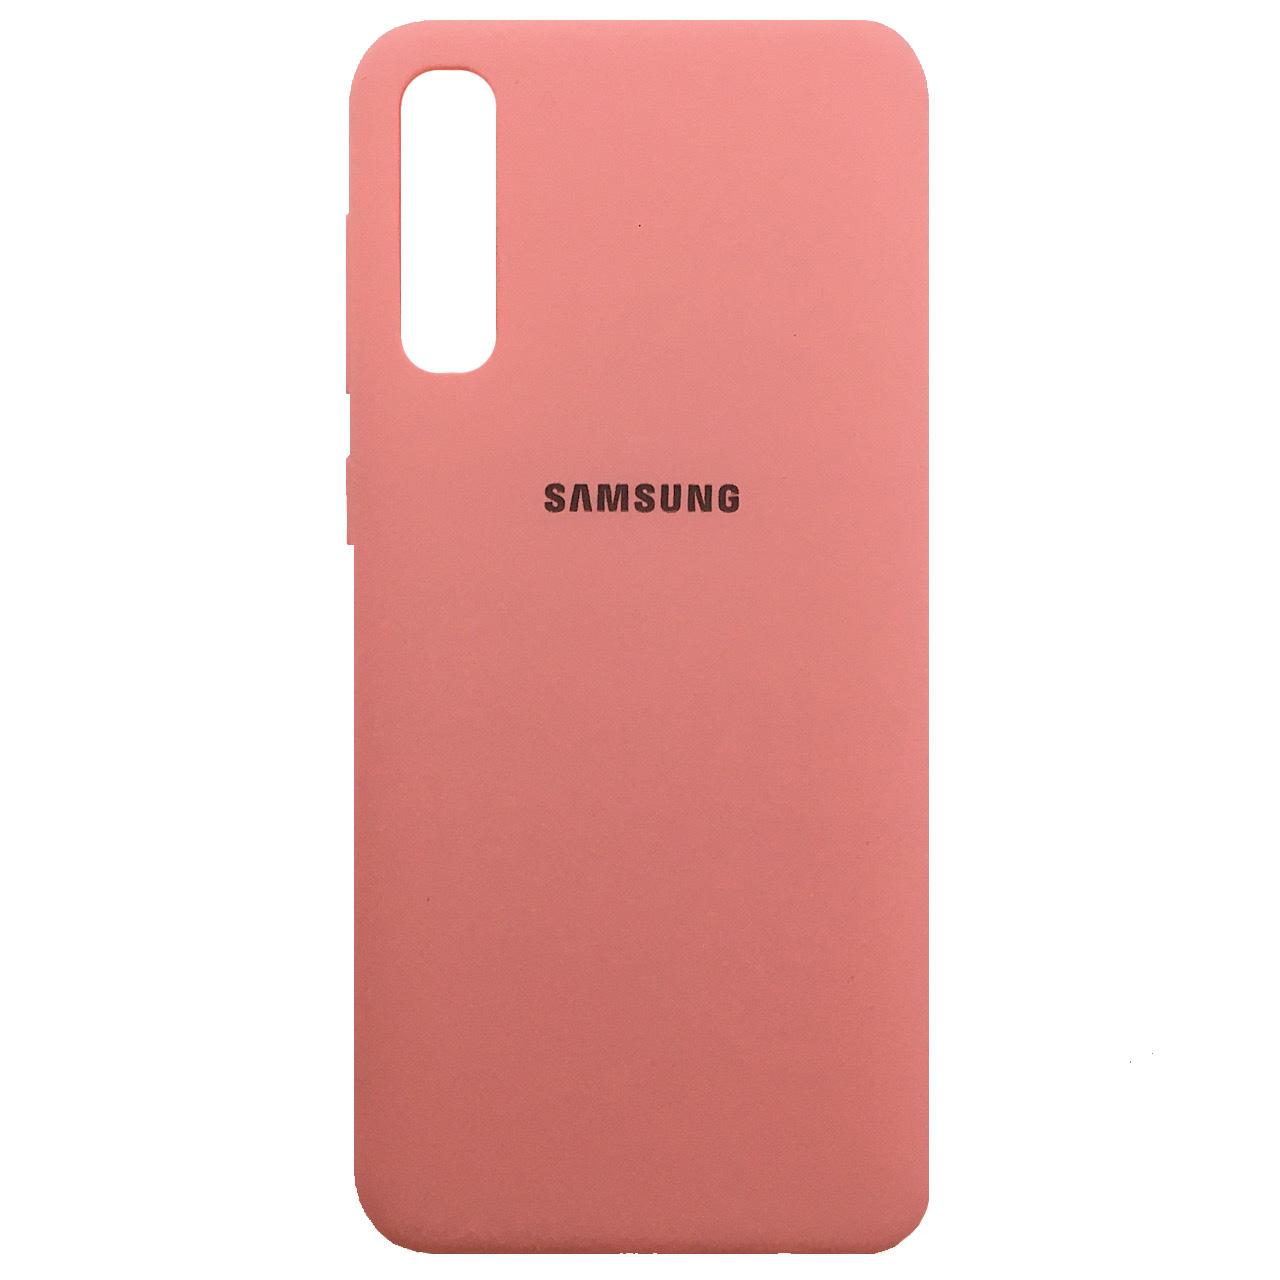 کاور مدل S0179 مناسب برای گوشی موبایل سامسونگ Galaxy A50 / A50s / A30s                     غیر اصل